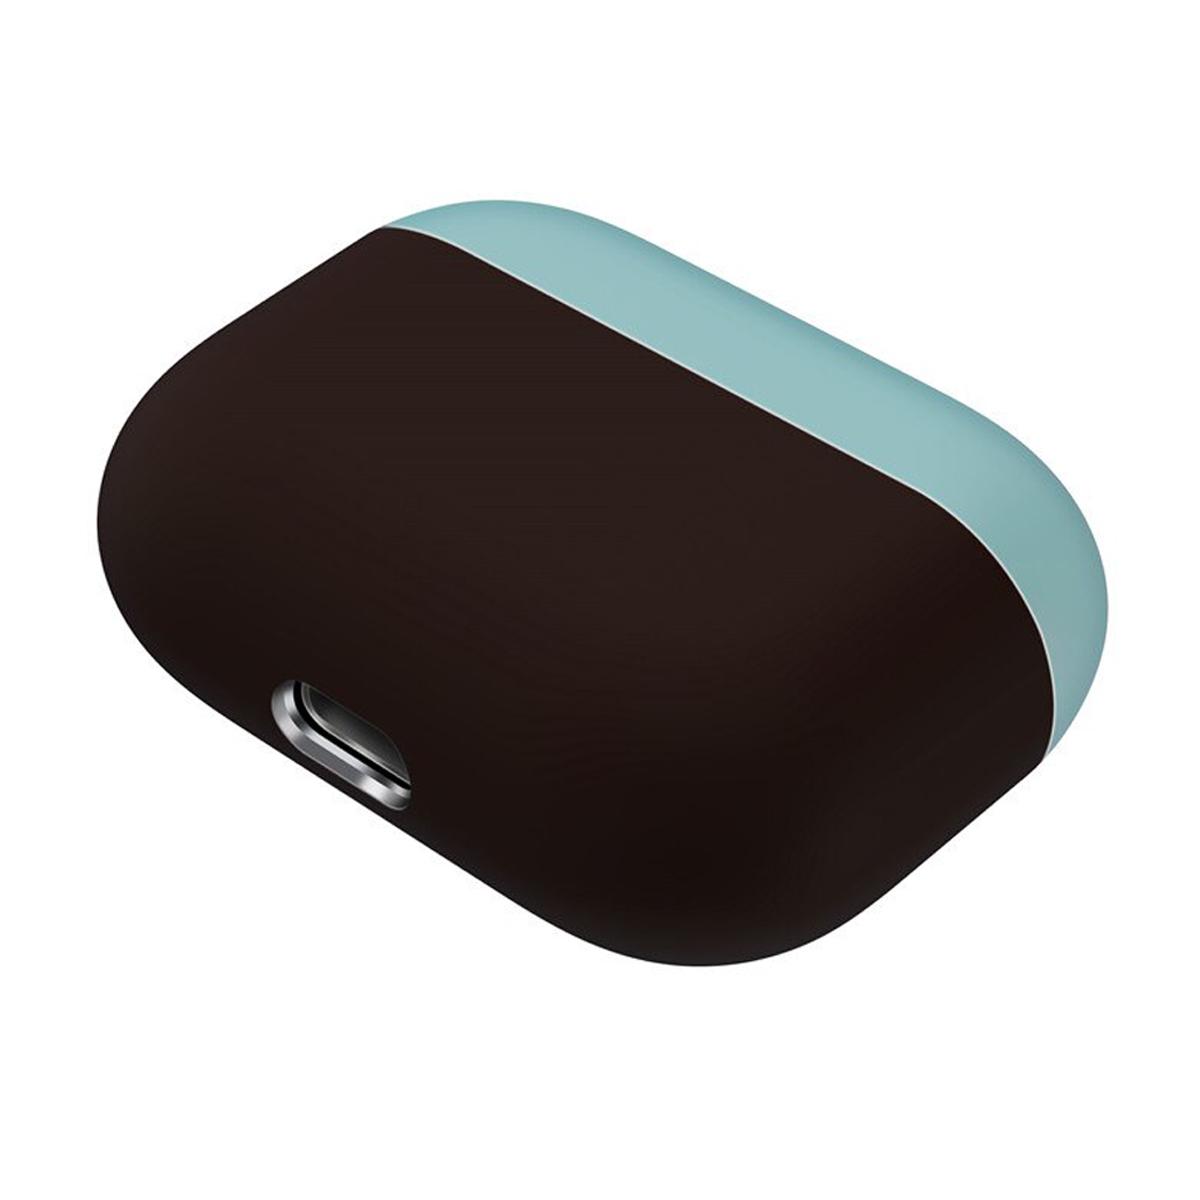 Мягкий чехол Силиконовый Противоударный Защитный Чехол Корпус Colorful Наушник Хранение Чехол для Airpod Pro для Airpods 3